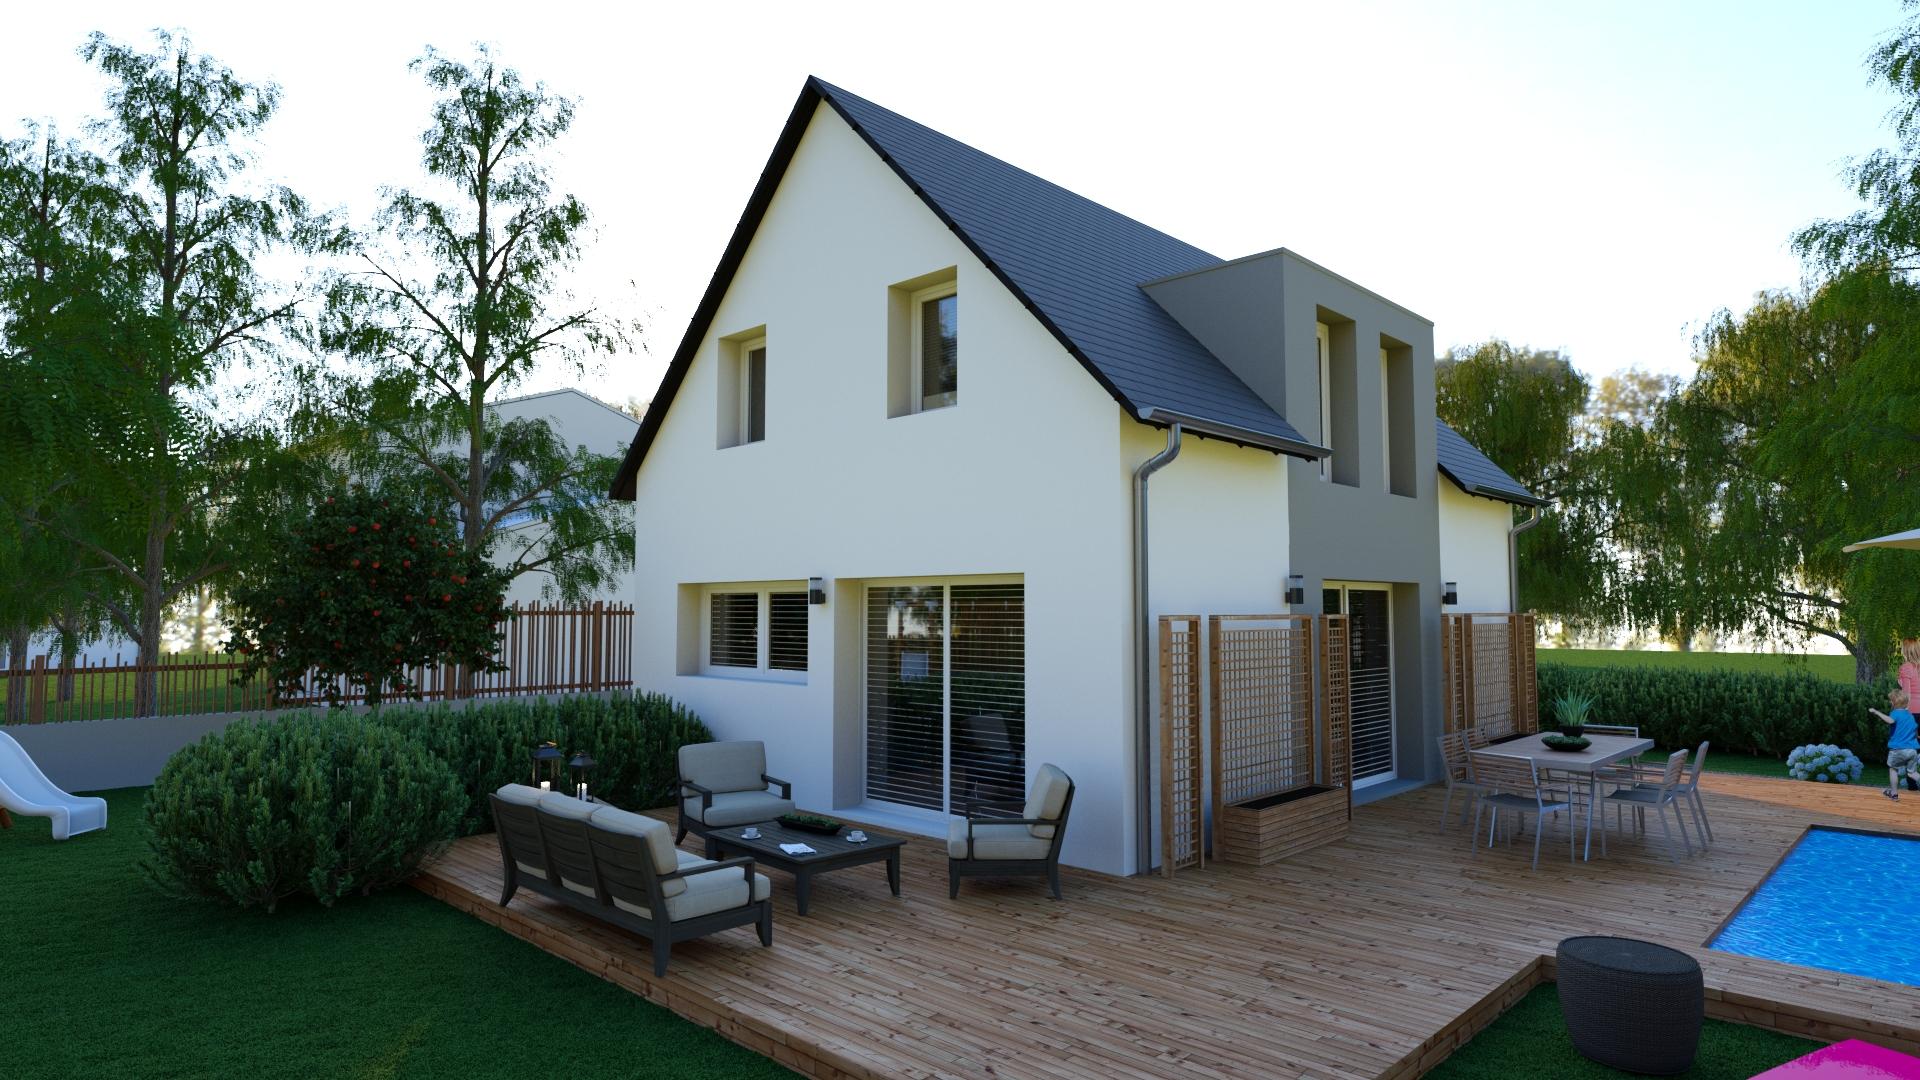 Maison traditionnelle 95 m² coté jardin